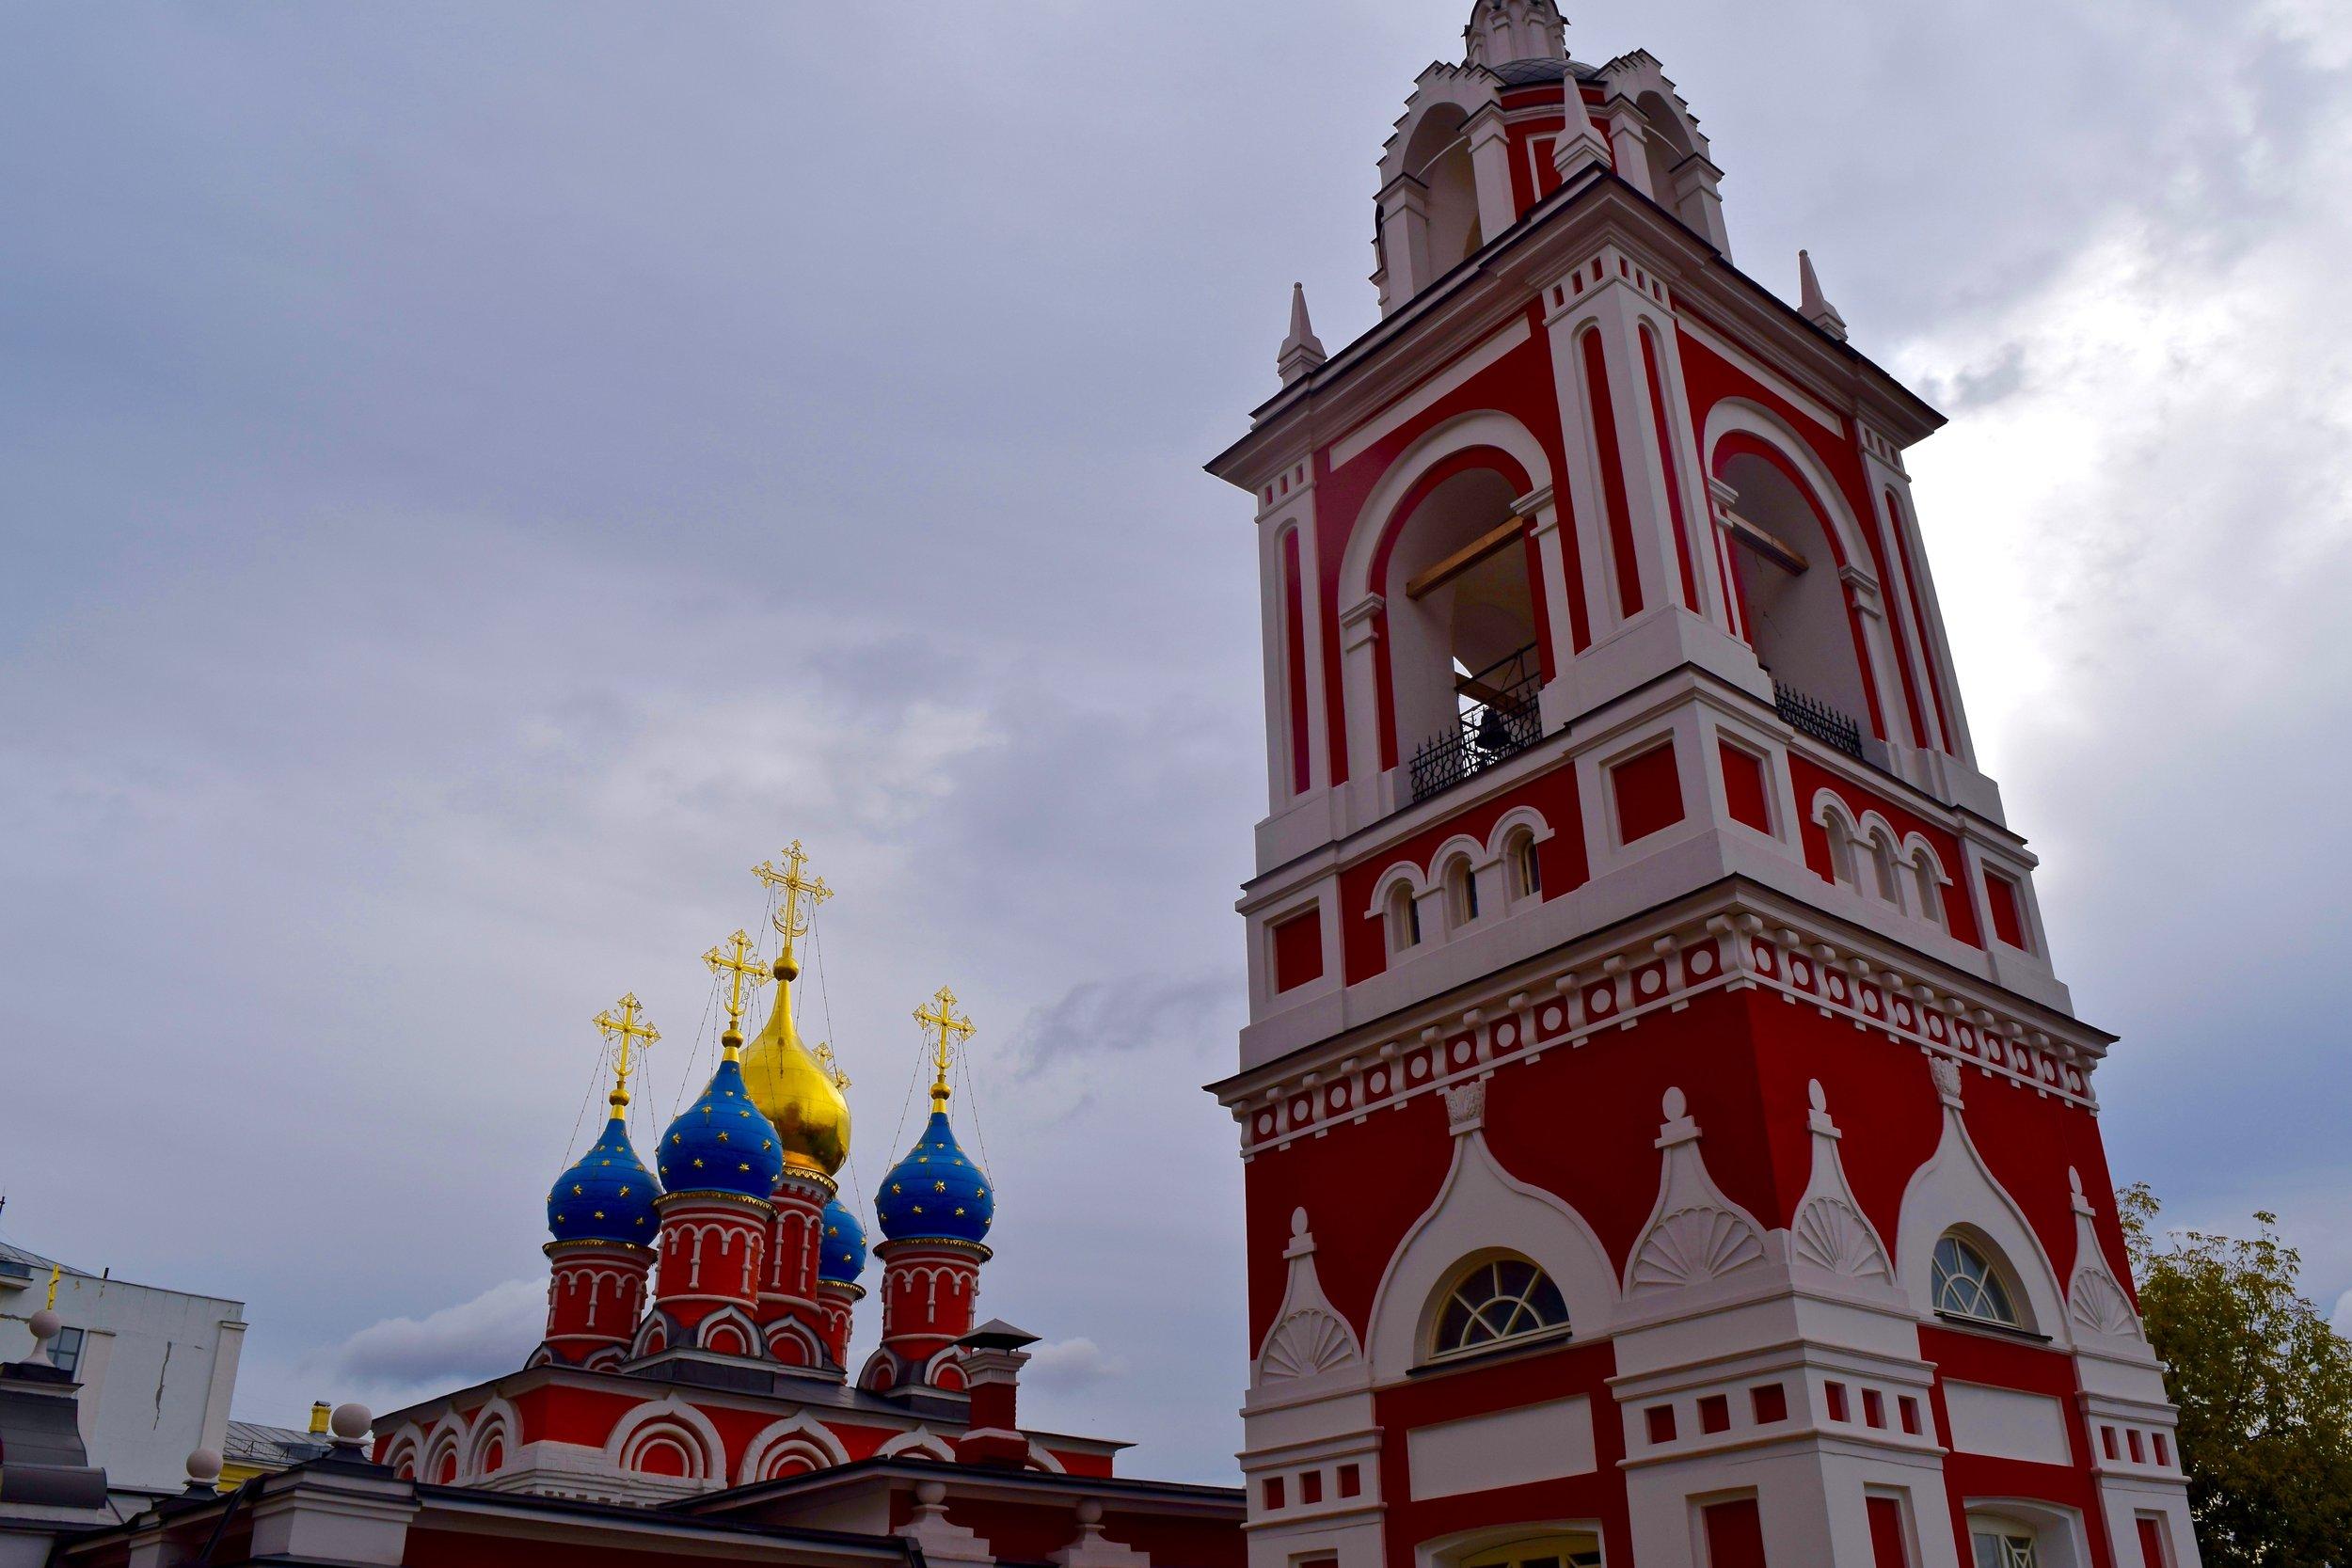 Church of St. George & Znamensky Monastery